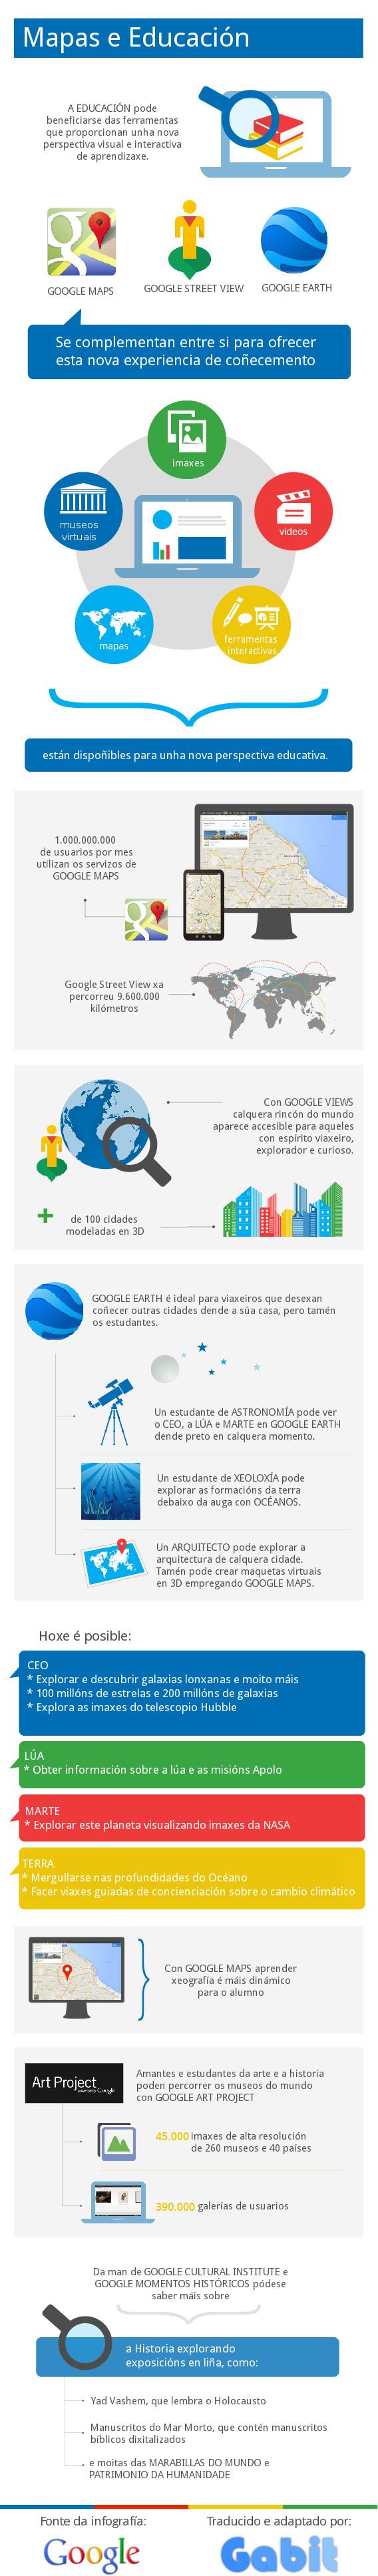 Infografía: Posibilidades de Google en Educación, Turismo e Marketing.